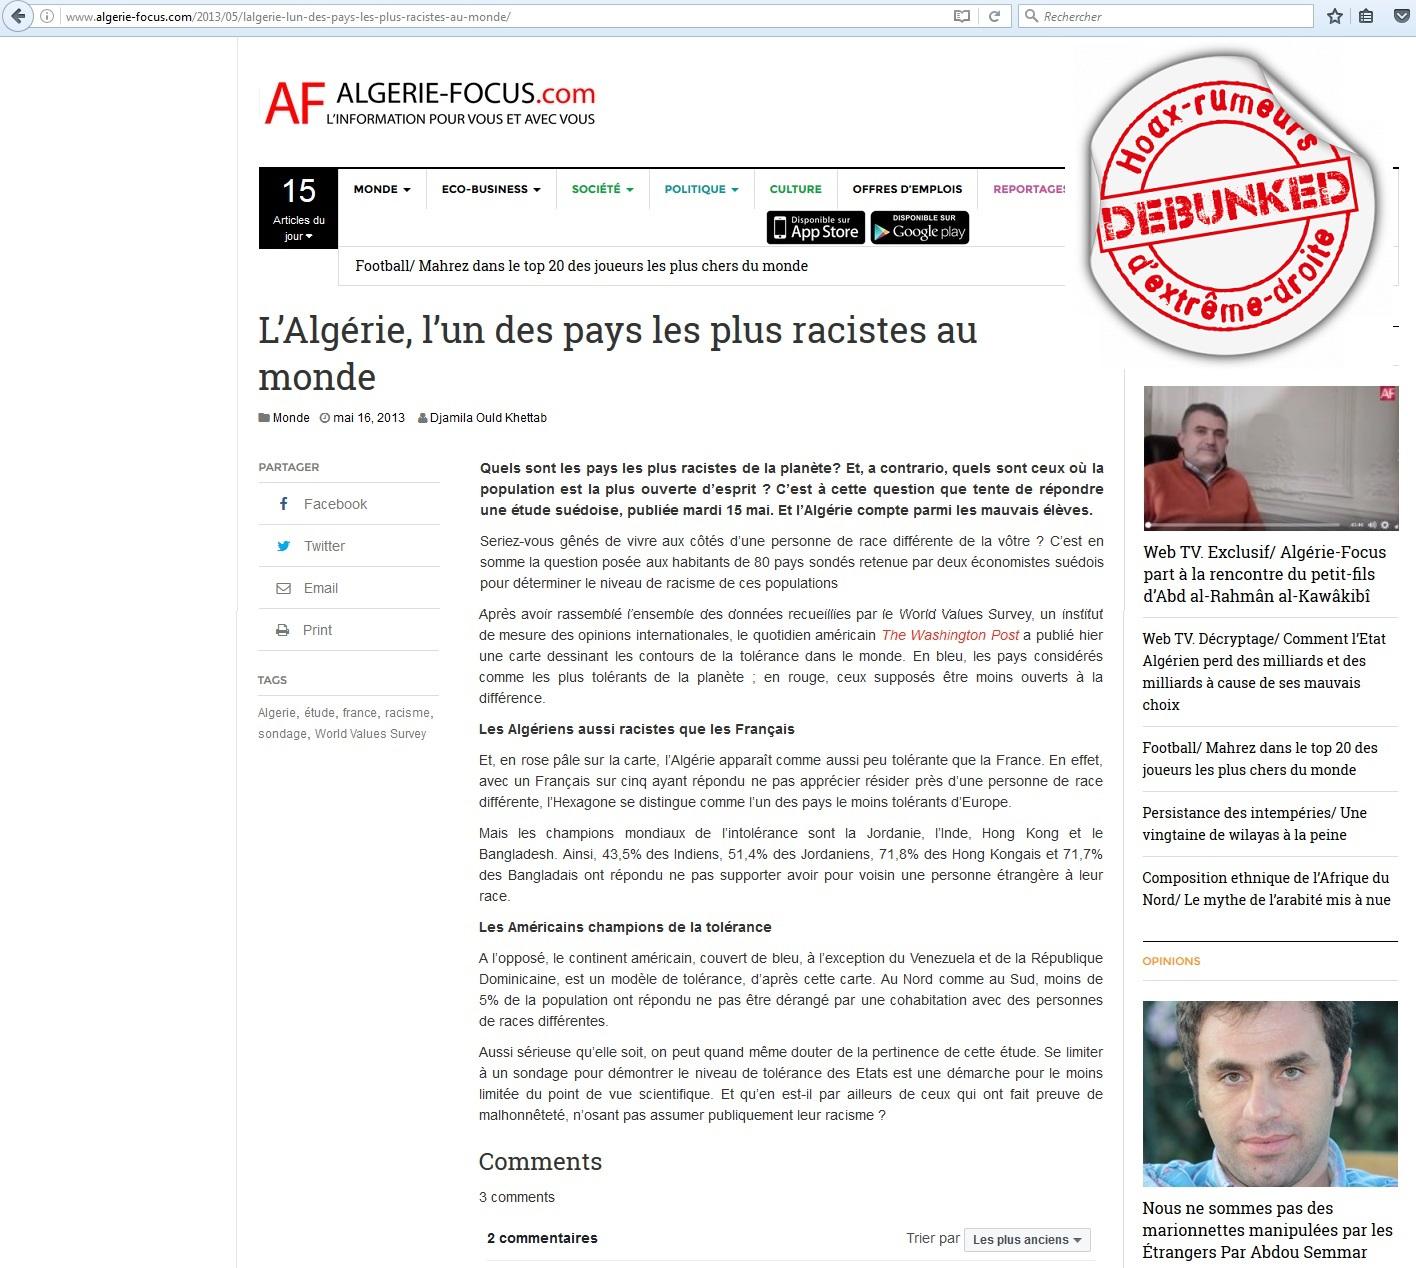 le pays le plus raciste google algérie focus.jpg